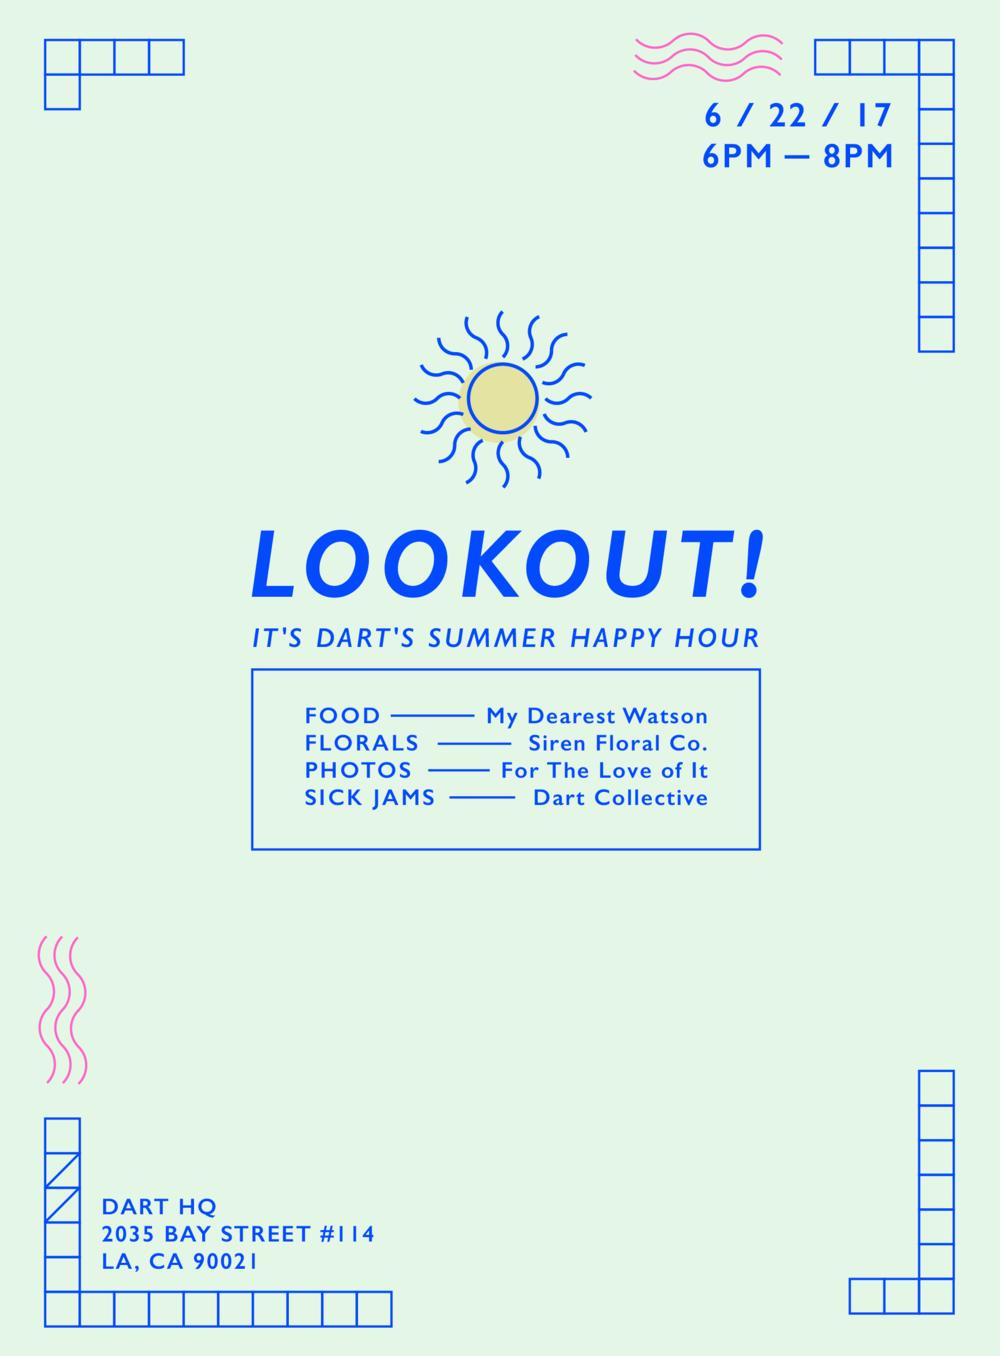 - Dart Collective event invite